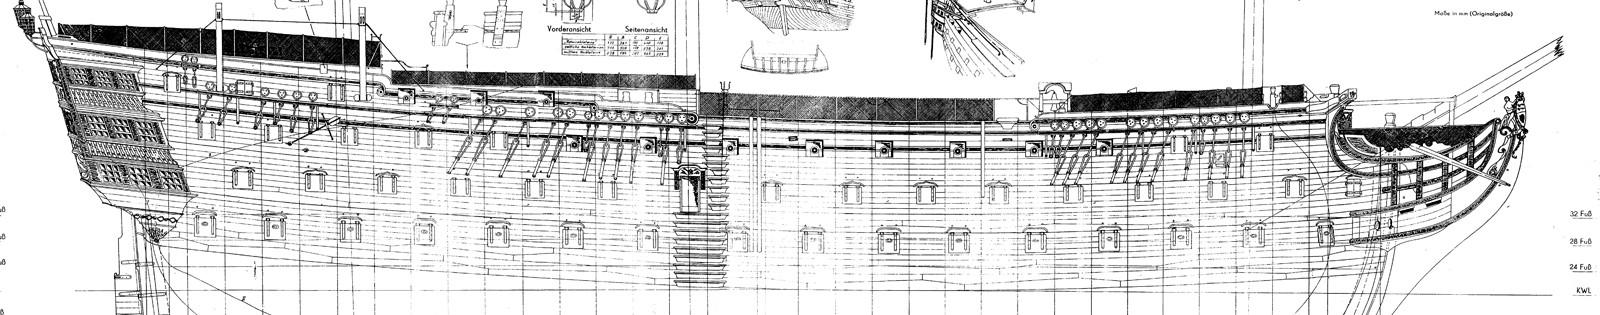 piani - H.M.S. Victory da piani costruzione della AMATI - Pagina 2 Fascia10